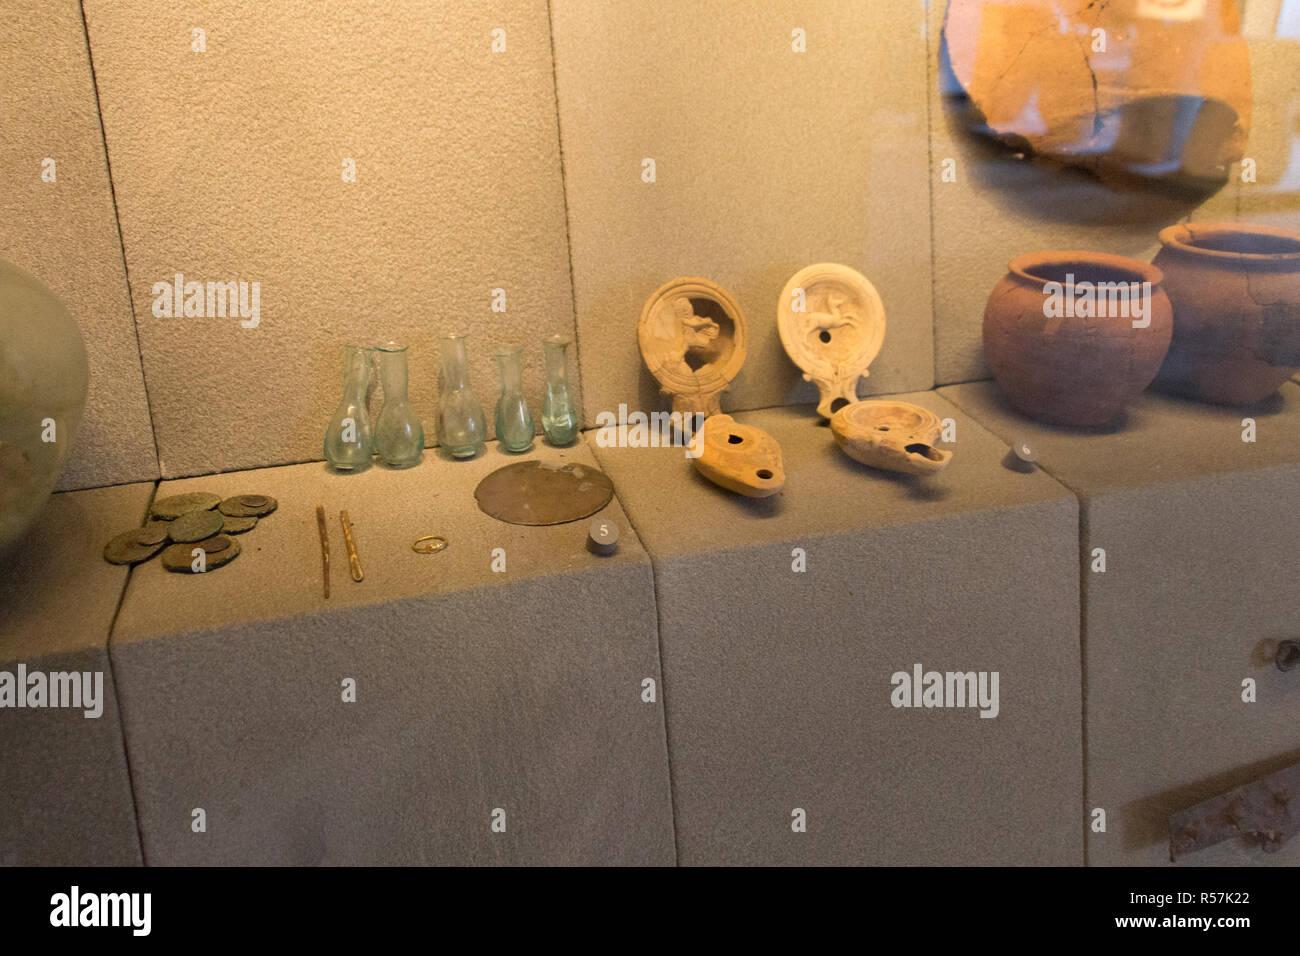 L'Italie, Brescia - 24 décembre 2017: le point de vue des anciens sujets d'utilisation quotidienne dans le musée de Santa Giulia le 24 décembre 2017 à Brescia, en Lombardie. Photo Stock